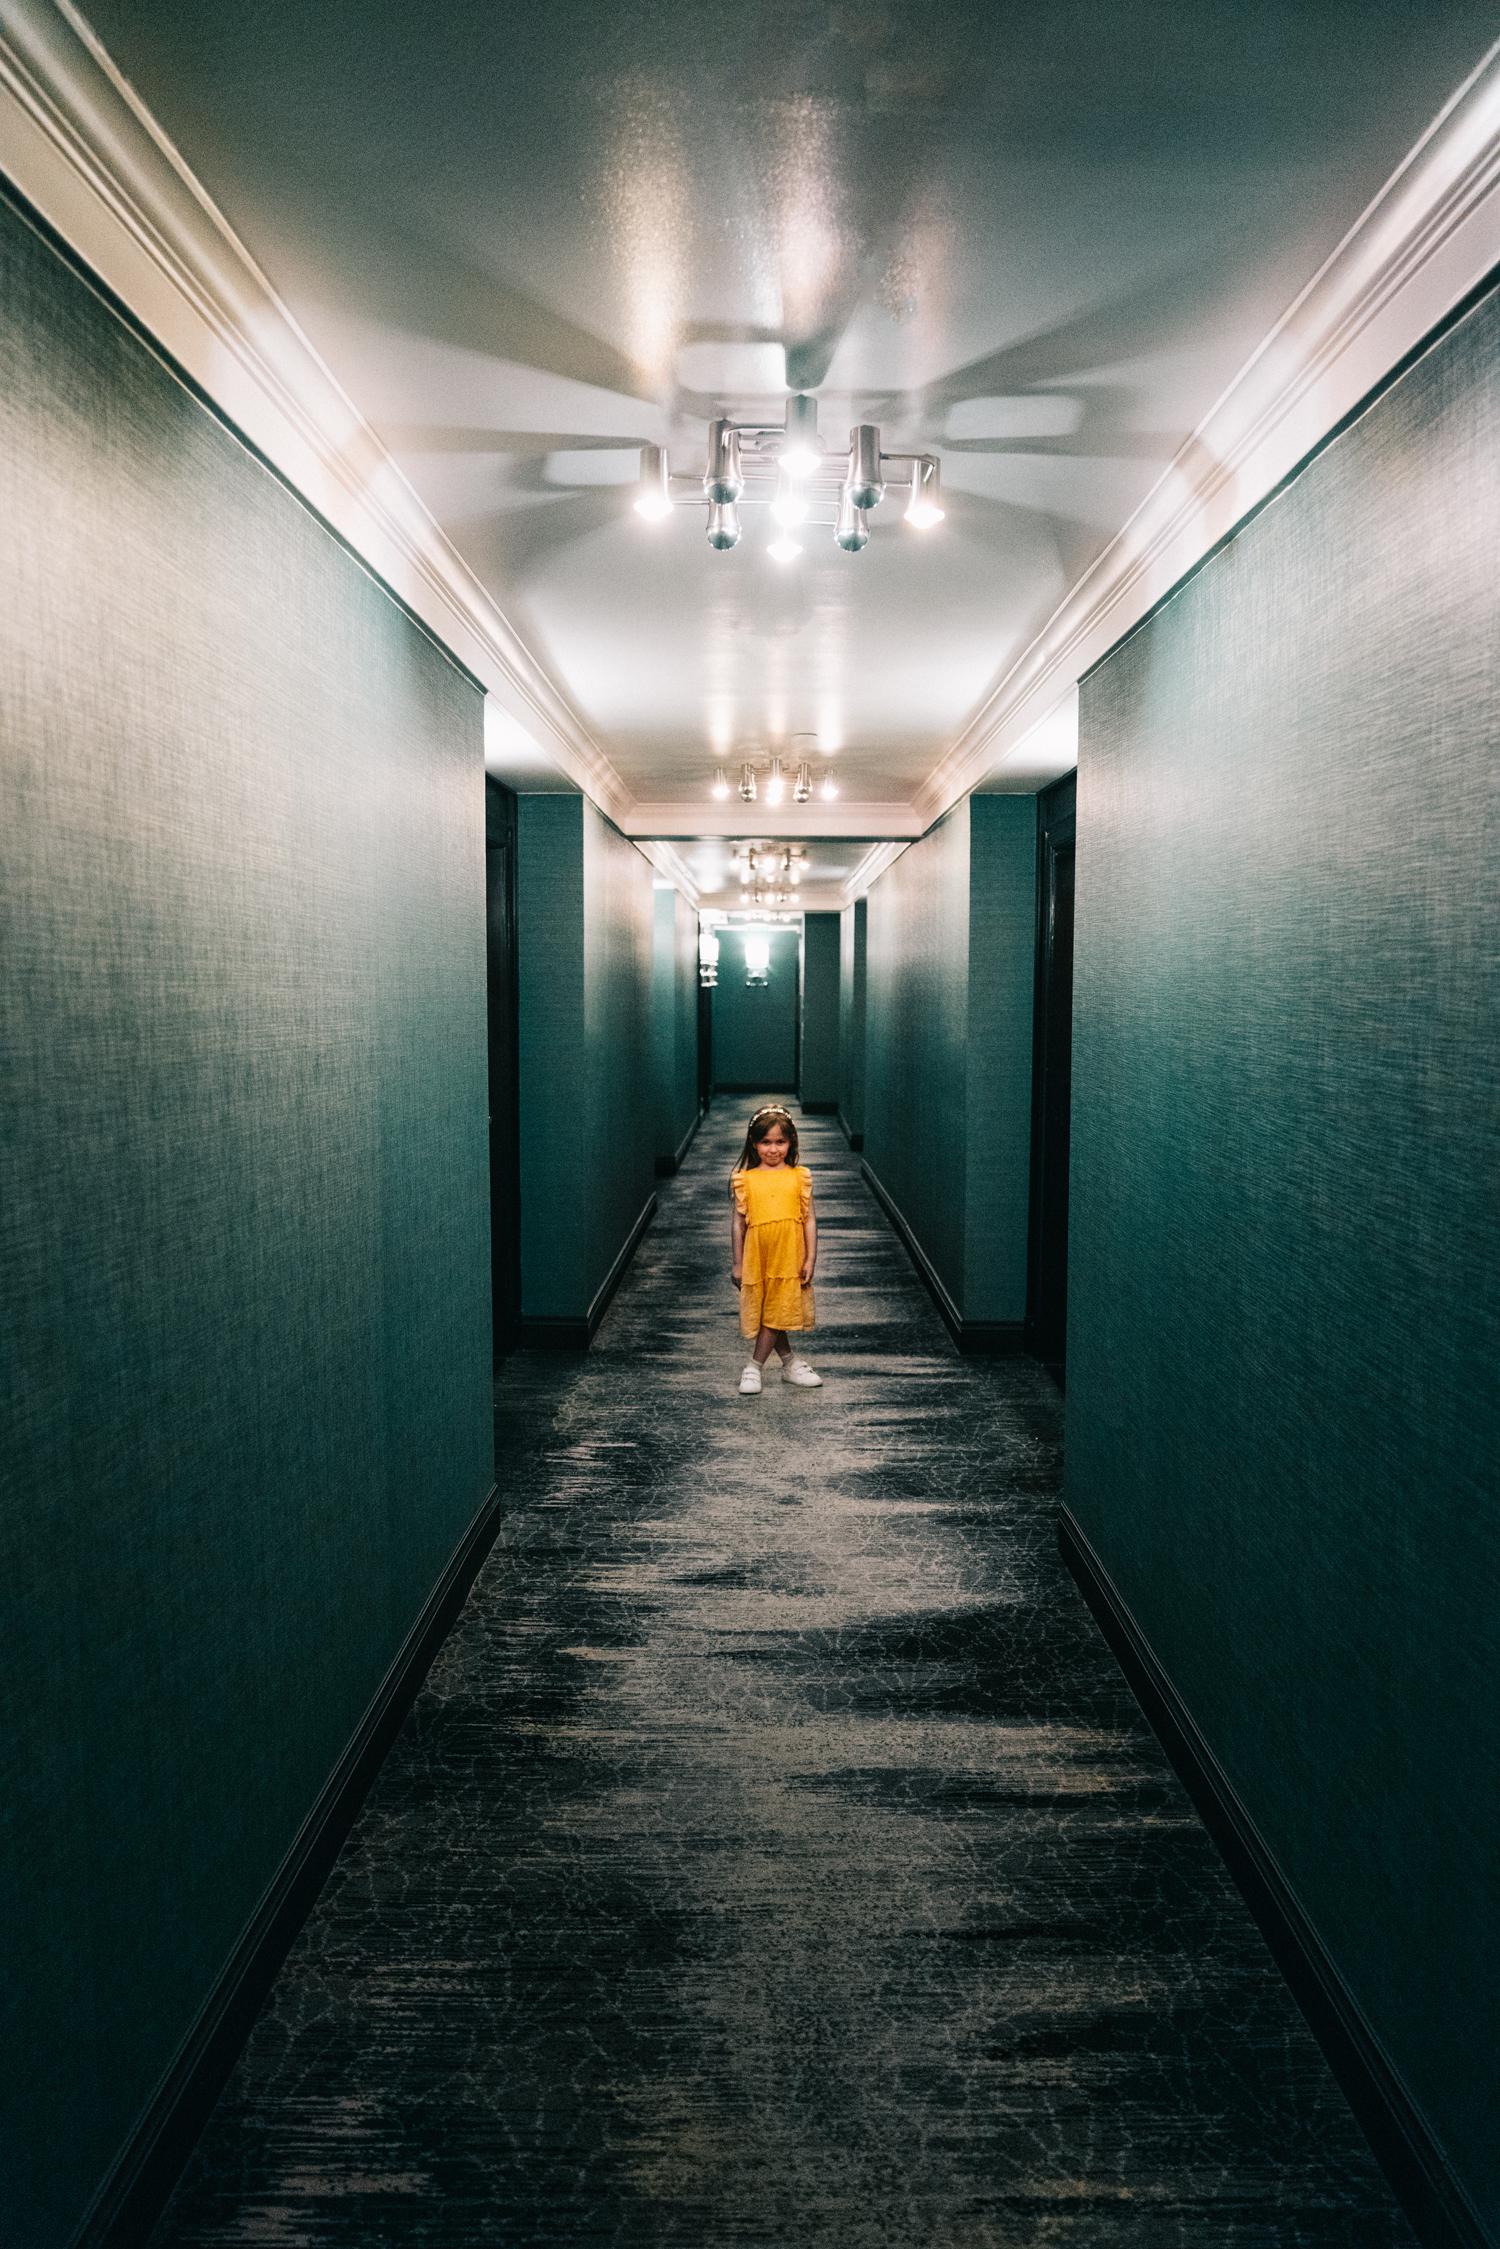 child in hotel hallway